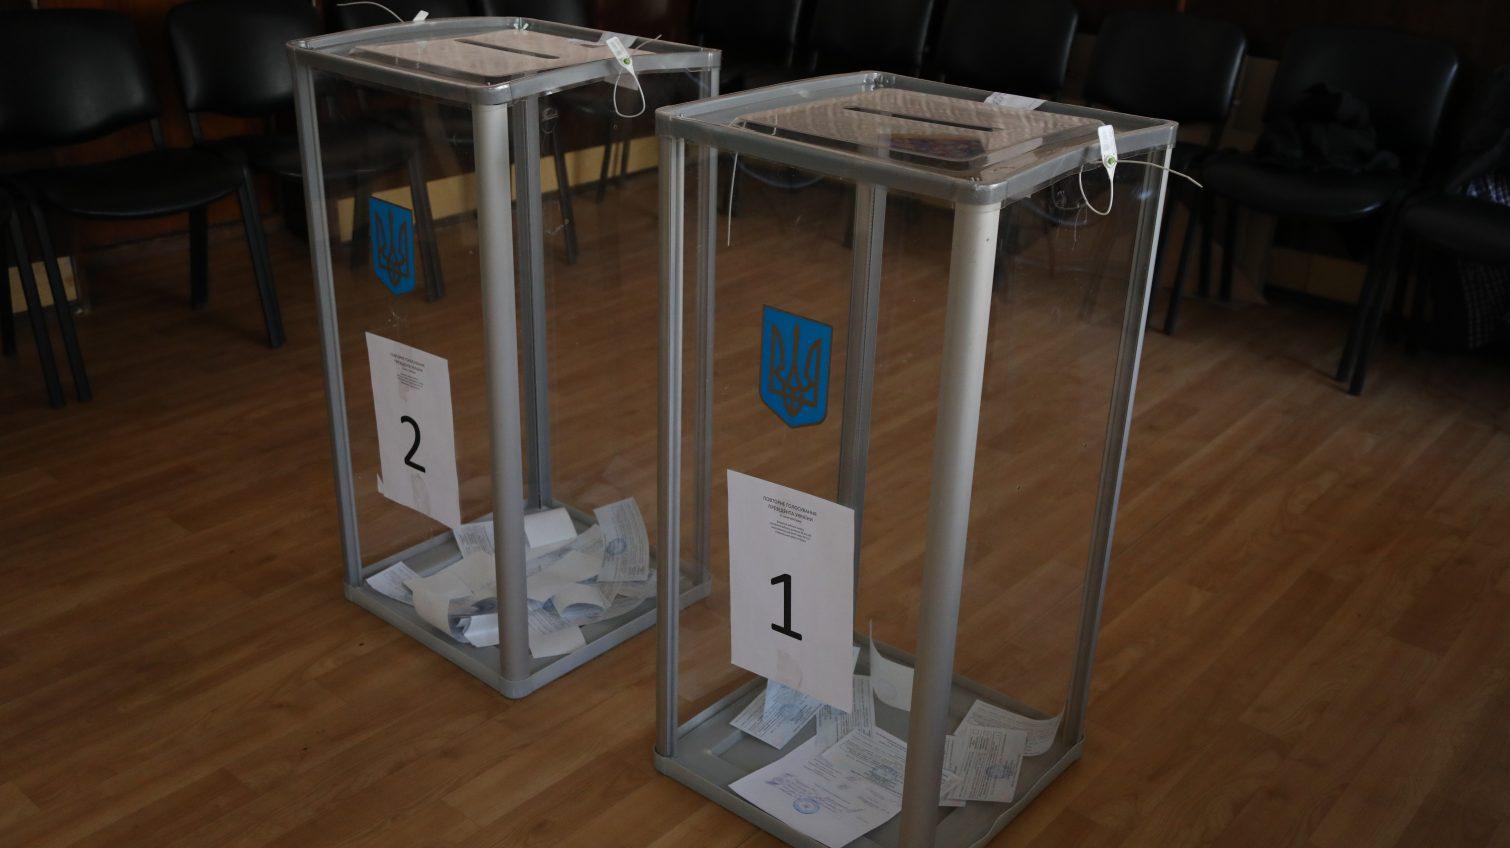 ЦИК назначила местные выборы в Украине в 2019 году: в Одесской области – в 5 ОТГ и 2 сельских советах «фото»